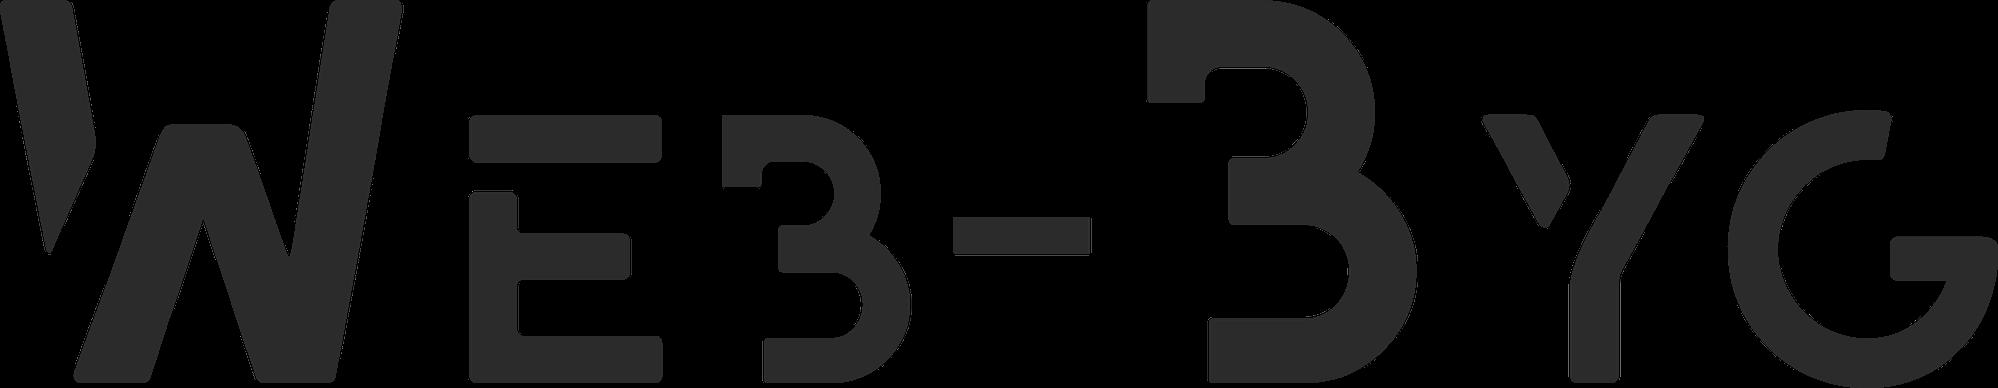 Web-byg logo